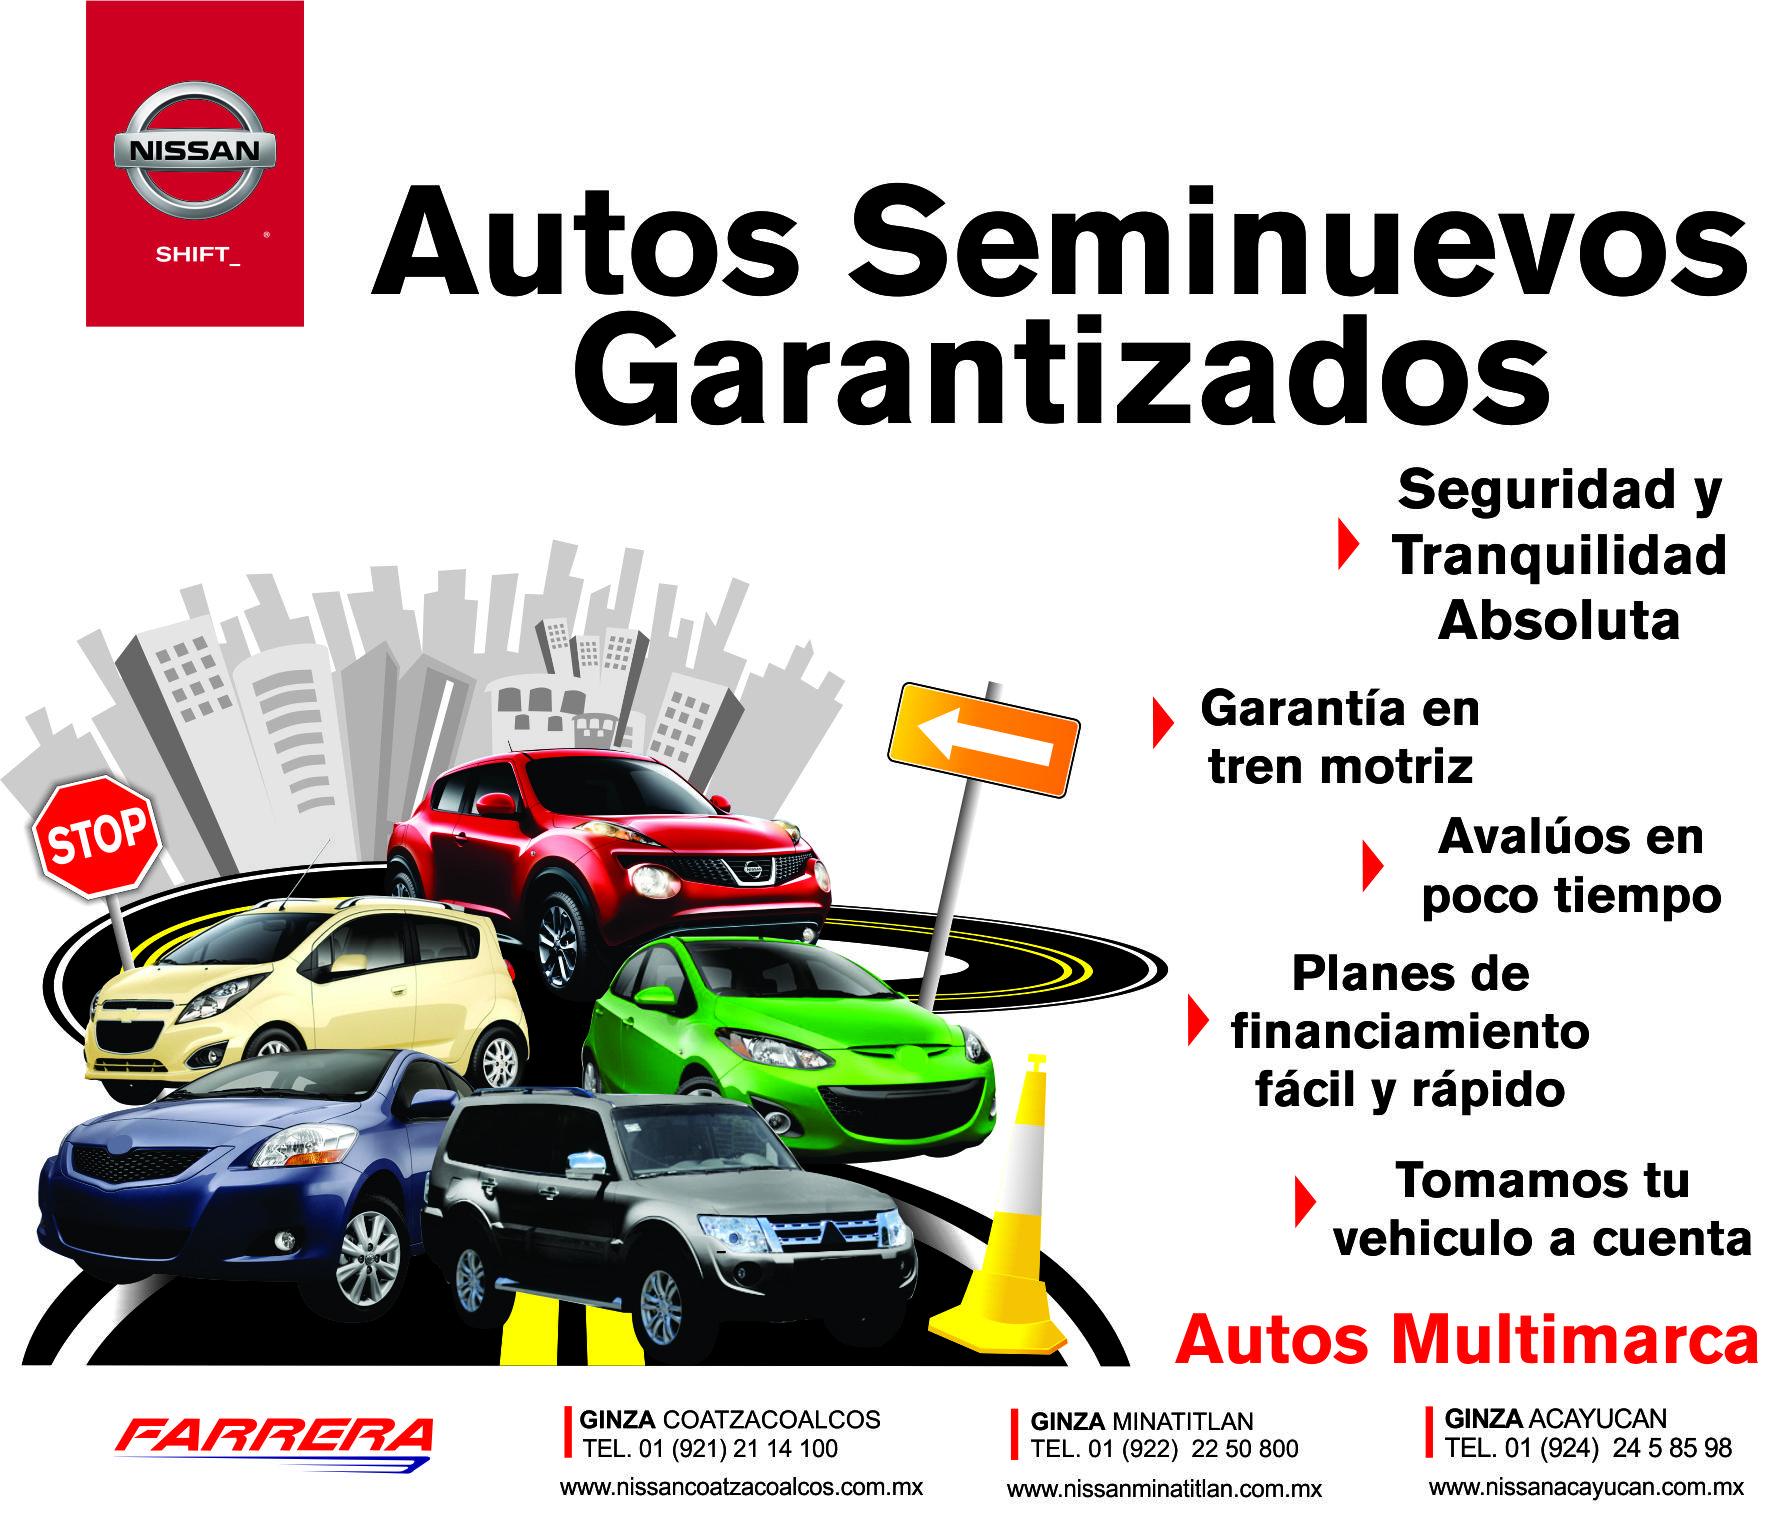 5e82f206c Autos Seminuevos Garantizados - Nissan Ginza Coatzacoalcos - Coatzacoalcos,  Veracruz